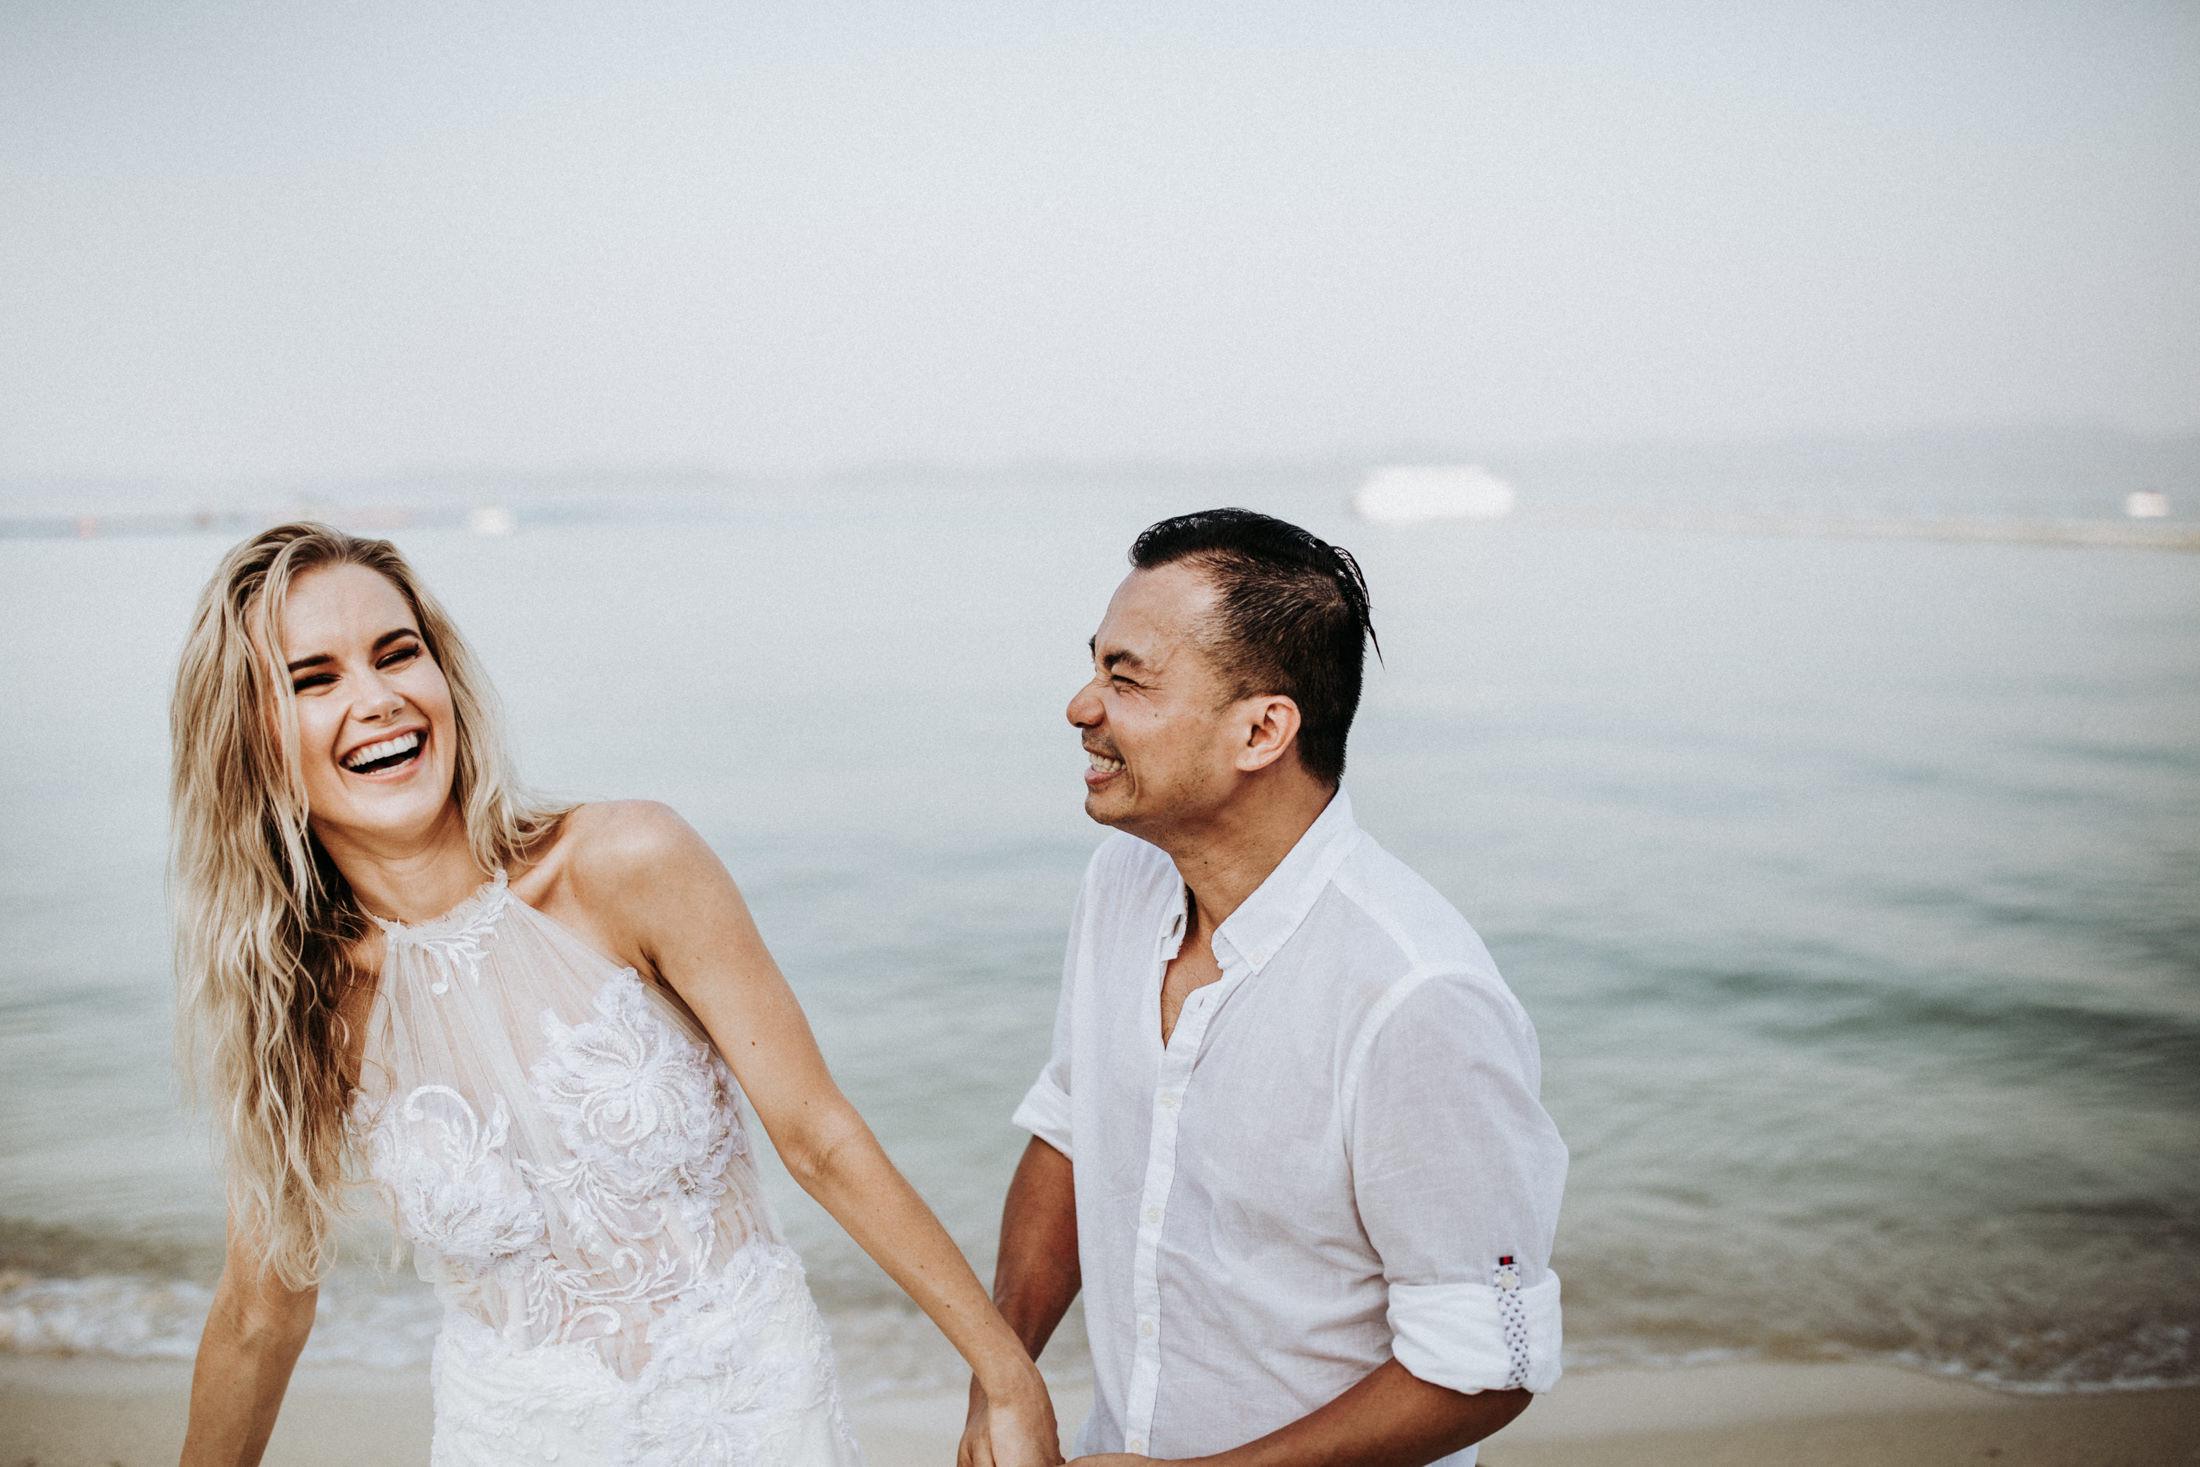 DanielaMarquardt_Wedding_Thailand_521